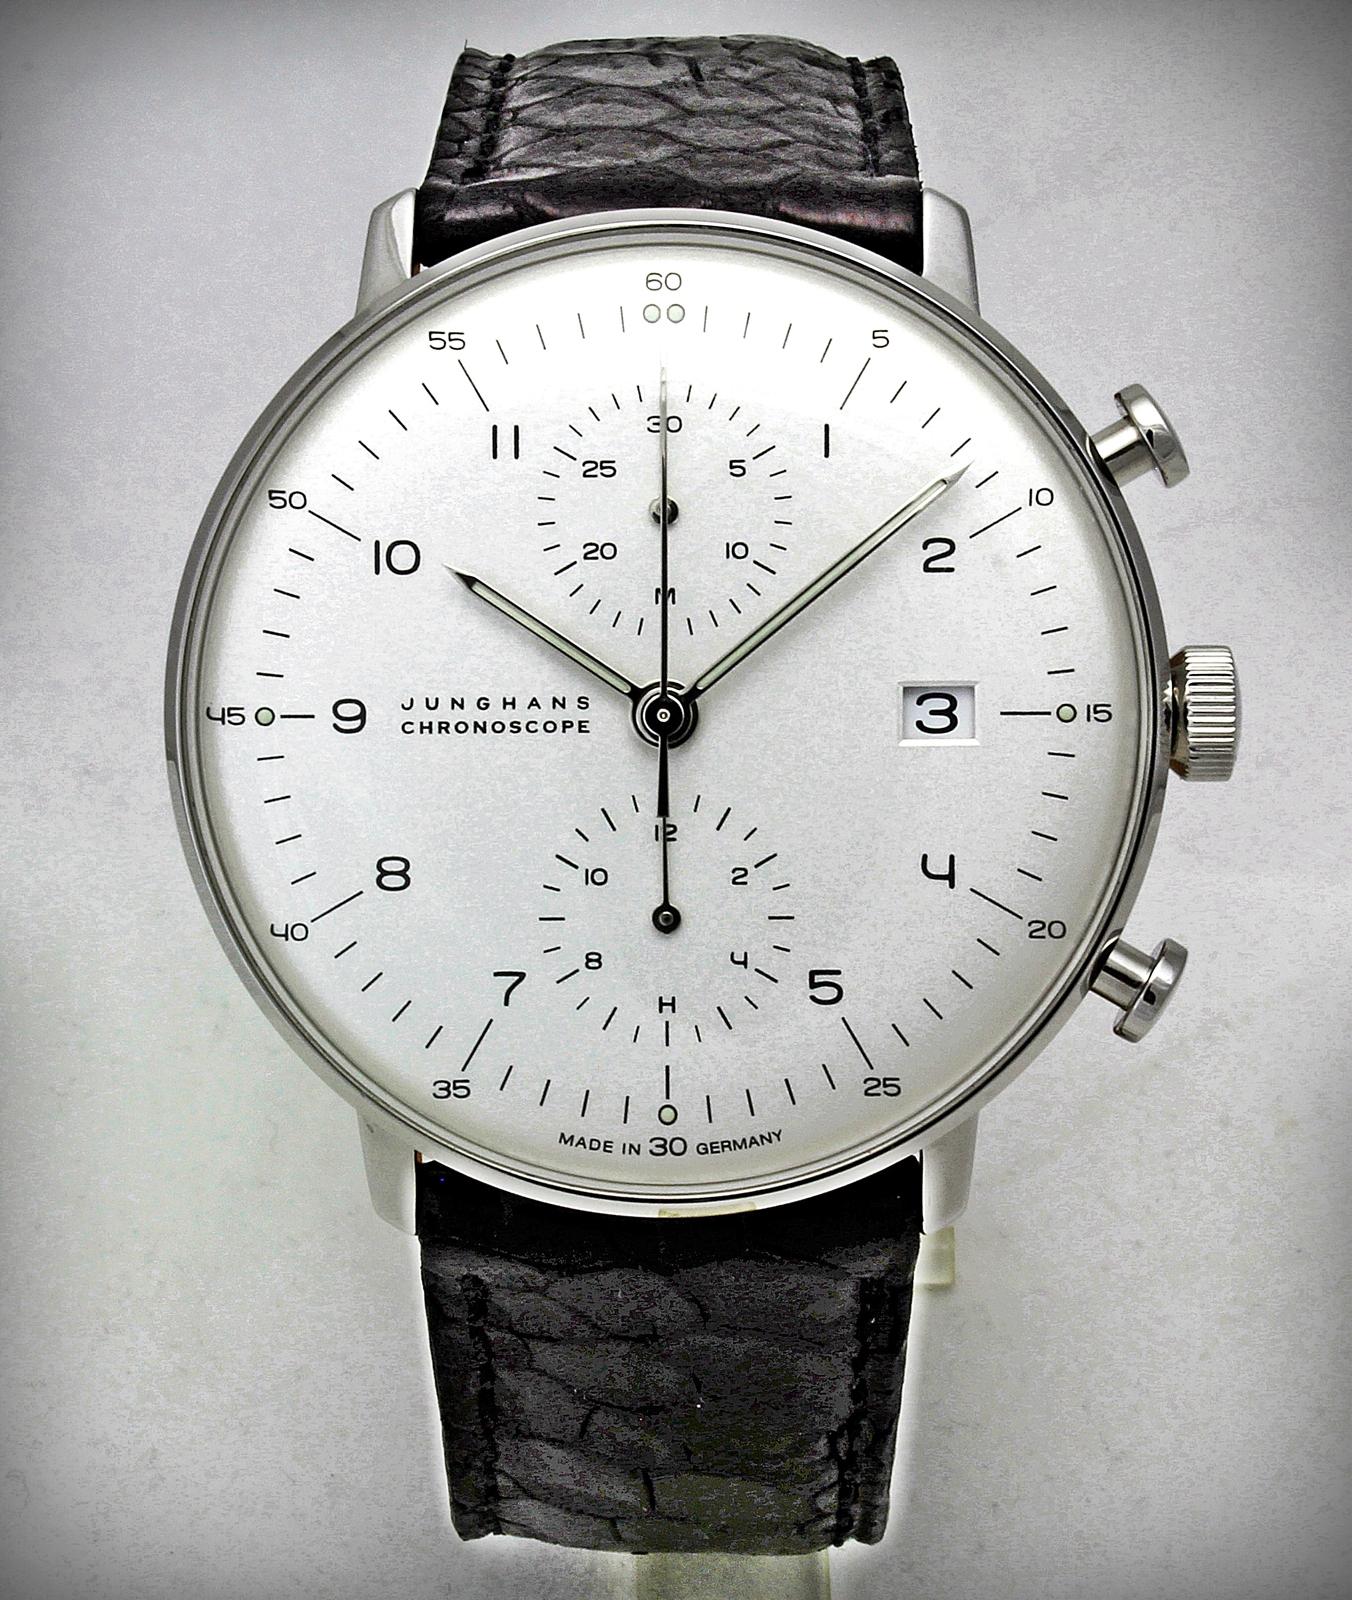 junghans-chronoscope-1klein.jpg